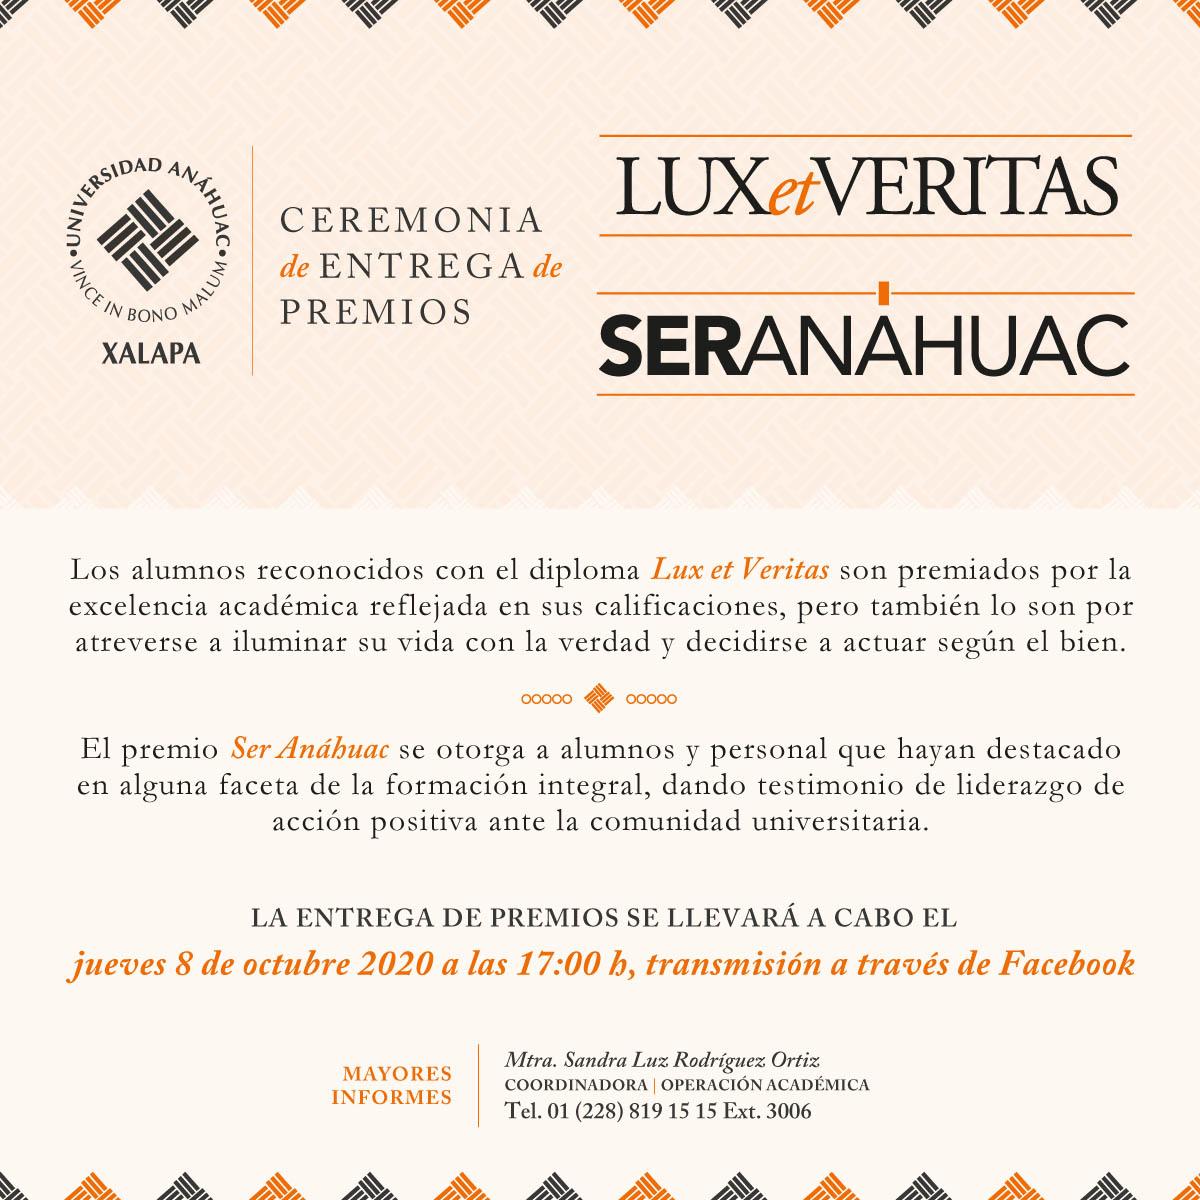 Ceremonia de Entrega de Premios Lux et Veritas y Ser Anáhuac